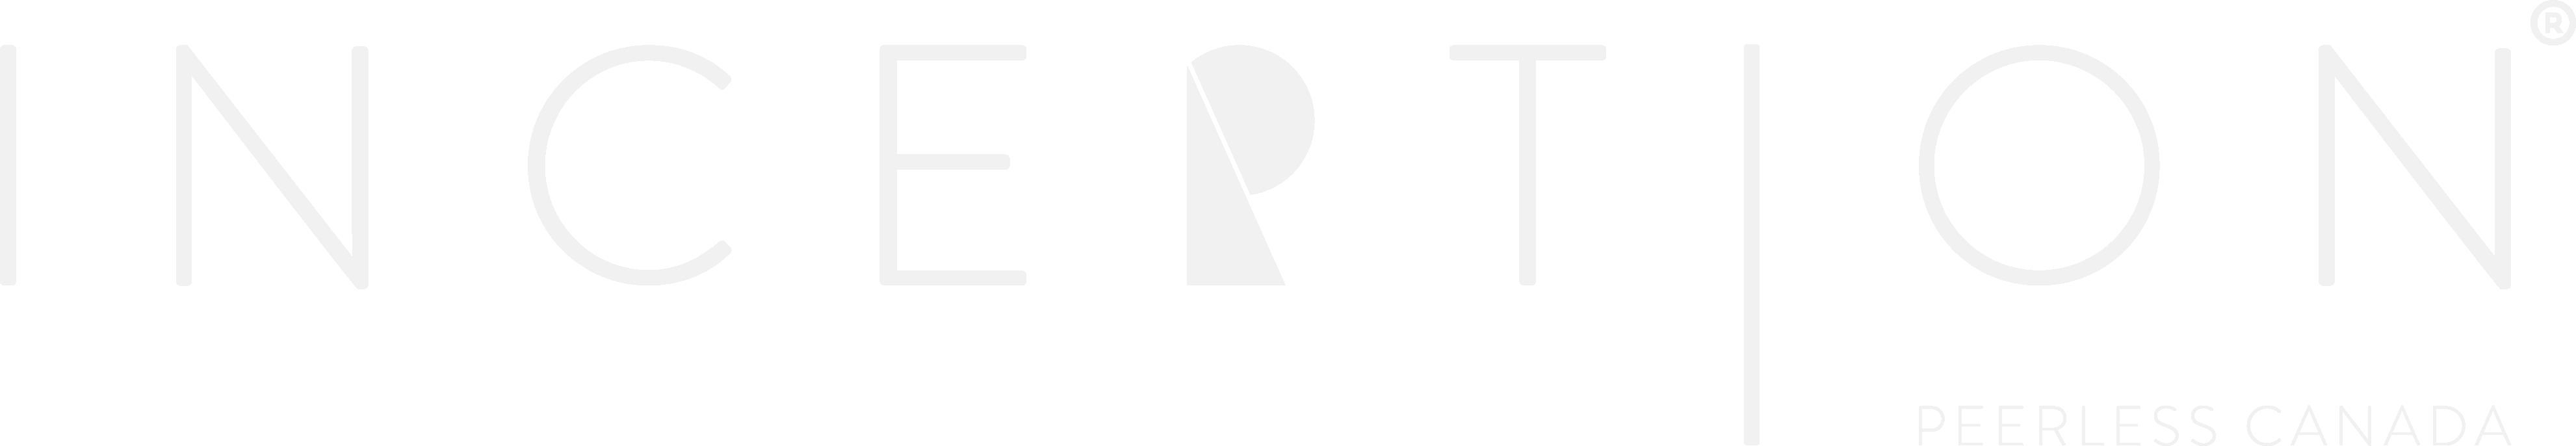 Incep-logo-light